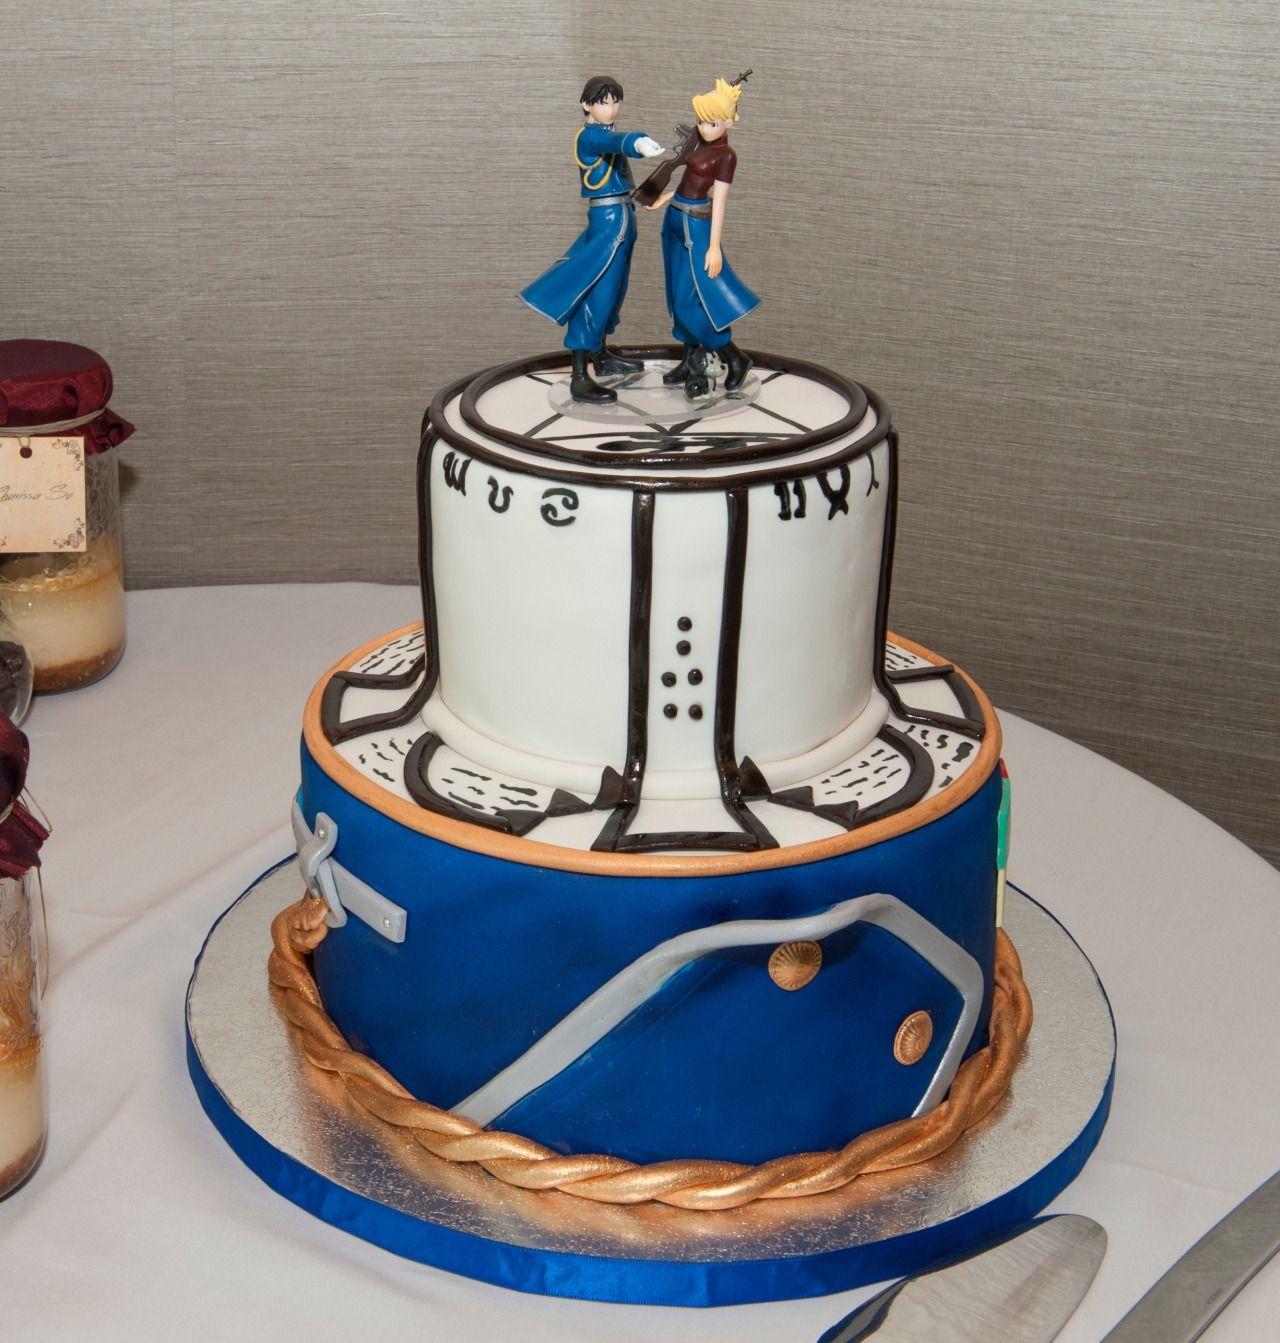 FMA wedding cake Anime cake, Anime wedding, Amazing cakes